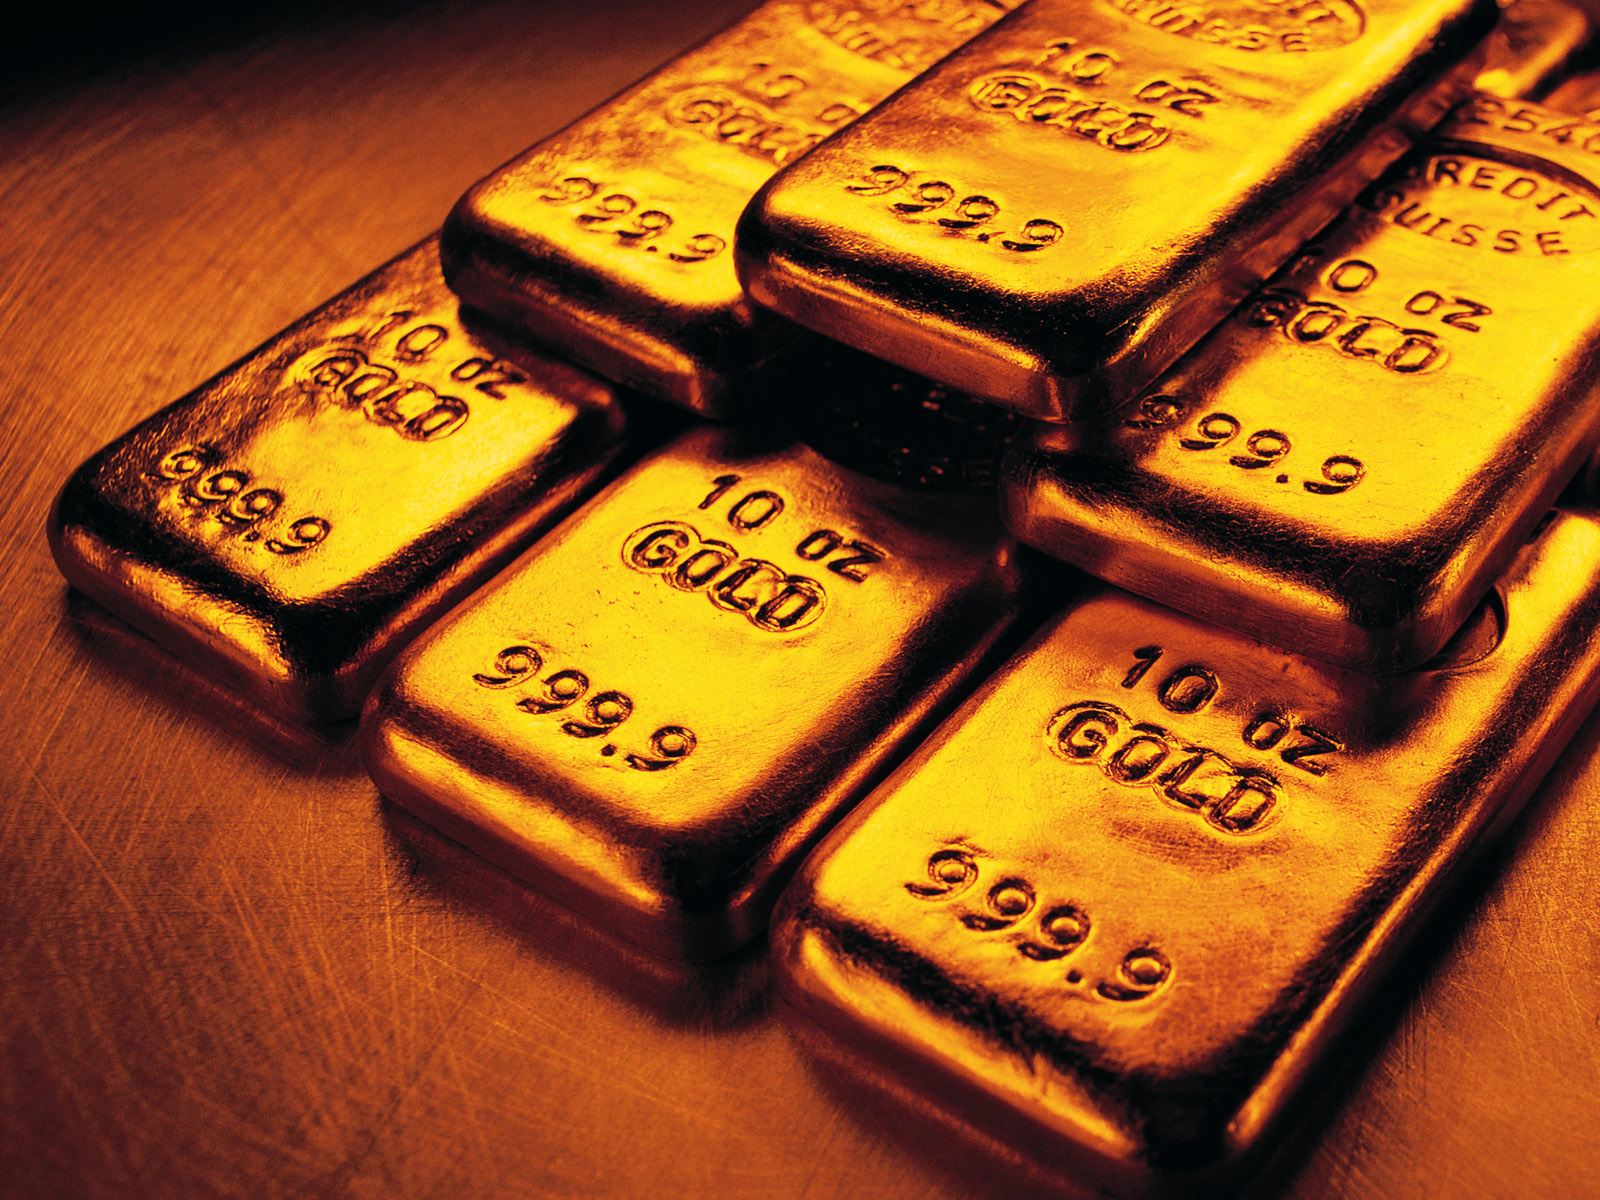 Giới chuyên gia dự đoán giá vàng thế giới khó trụ ở mốc 1.330 USD/ounce